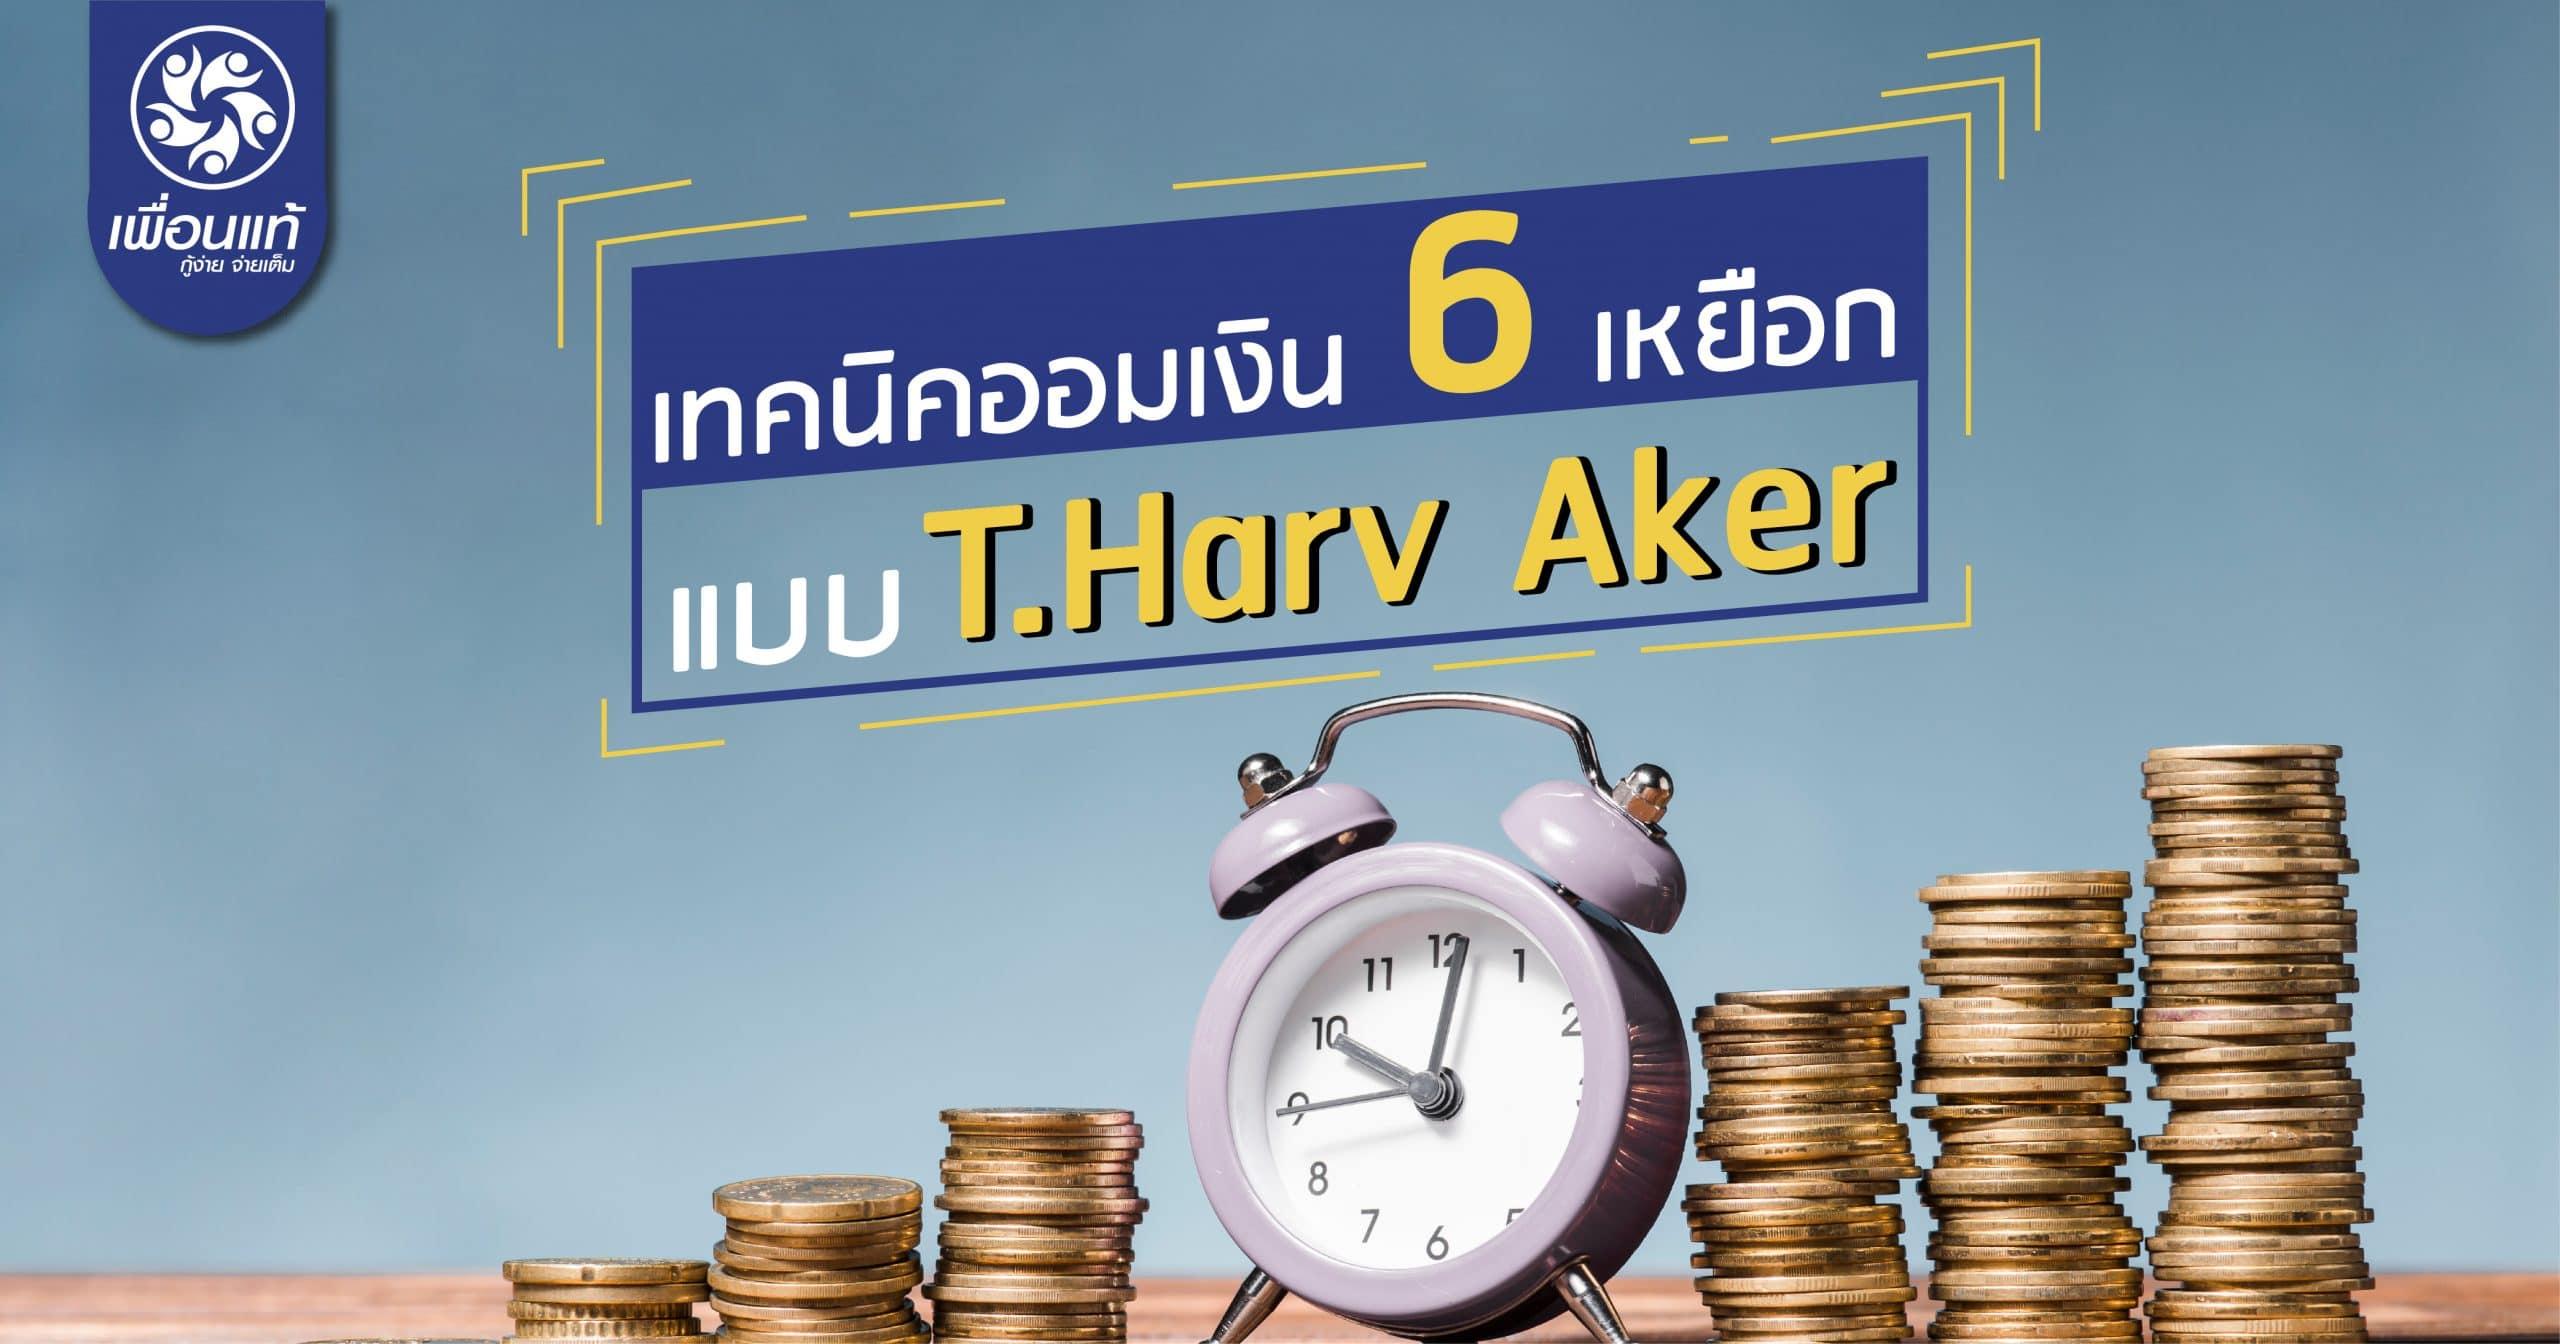 CAPปกวันที่13 01 01 - เทคนิคออมเงิน 6 เหยือก แบบ T.Harv Aker